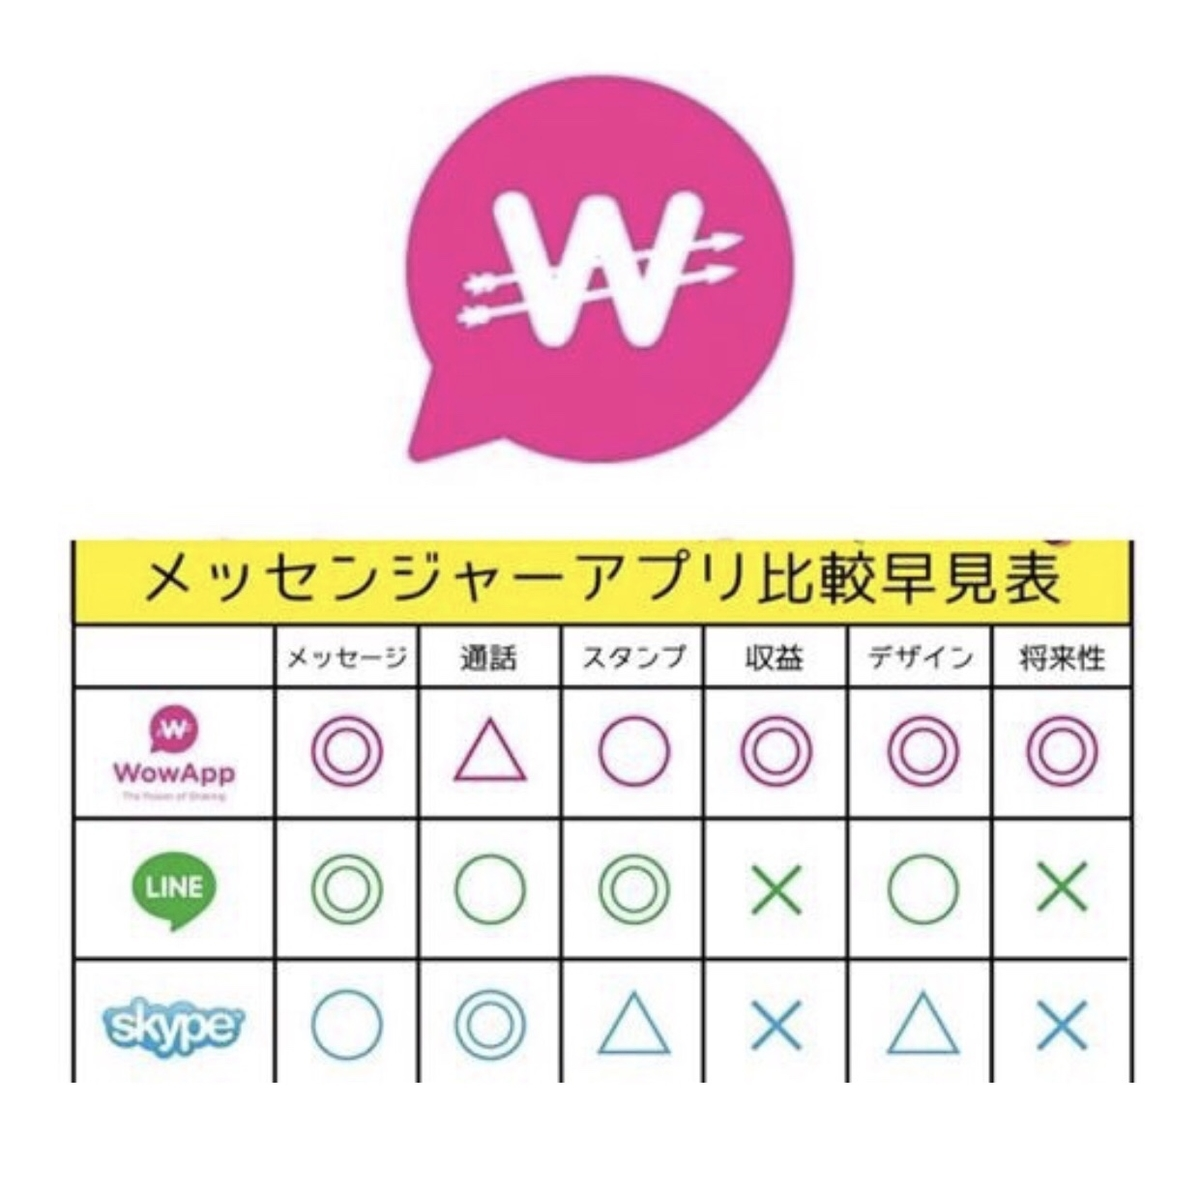 f:id:kaoruikeda:20200811075313j:plain